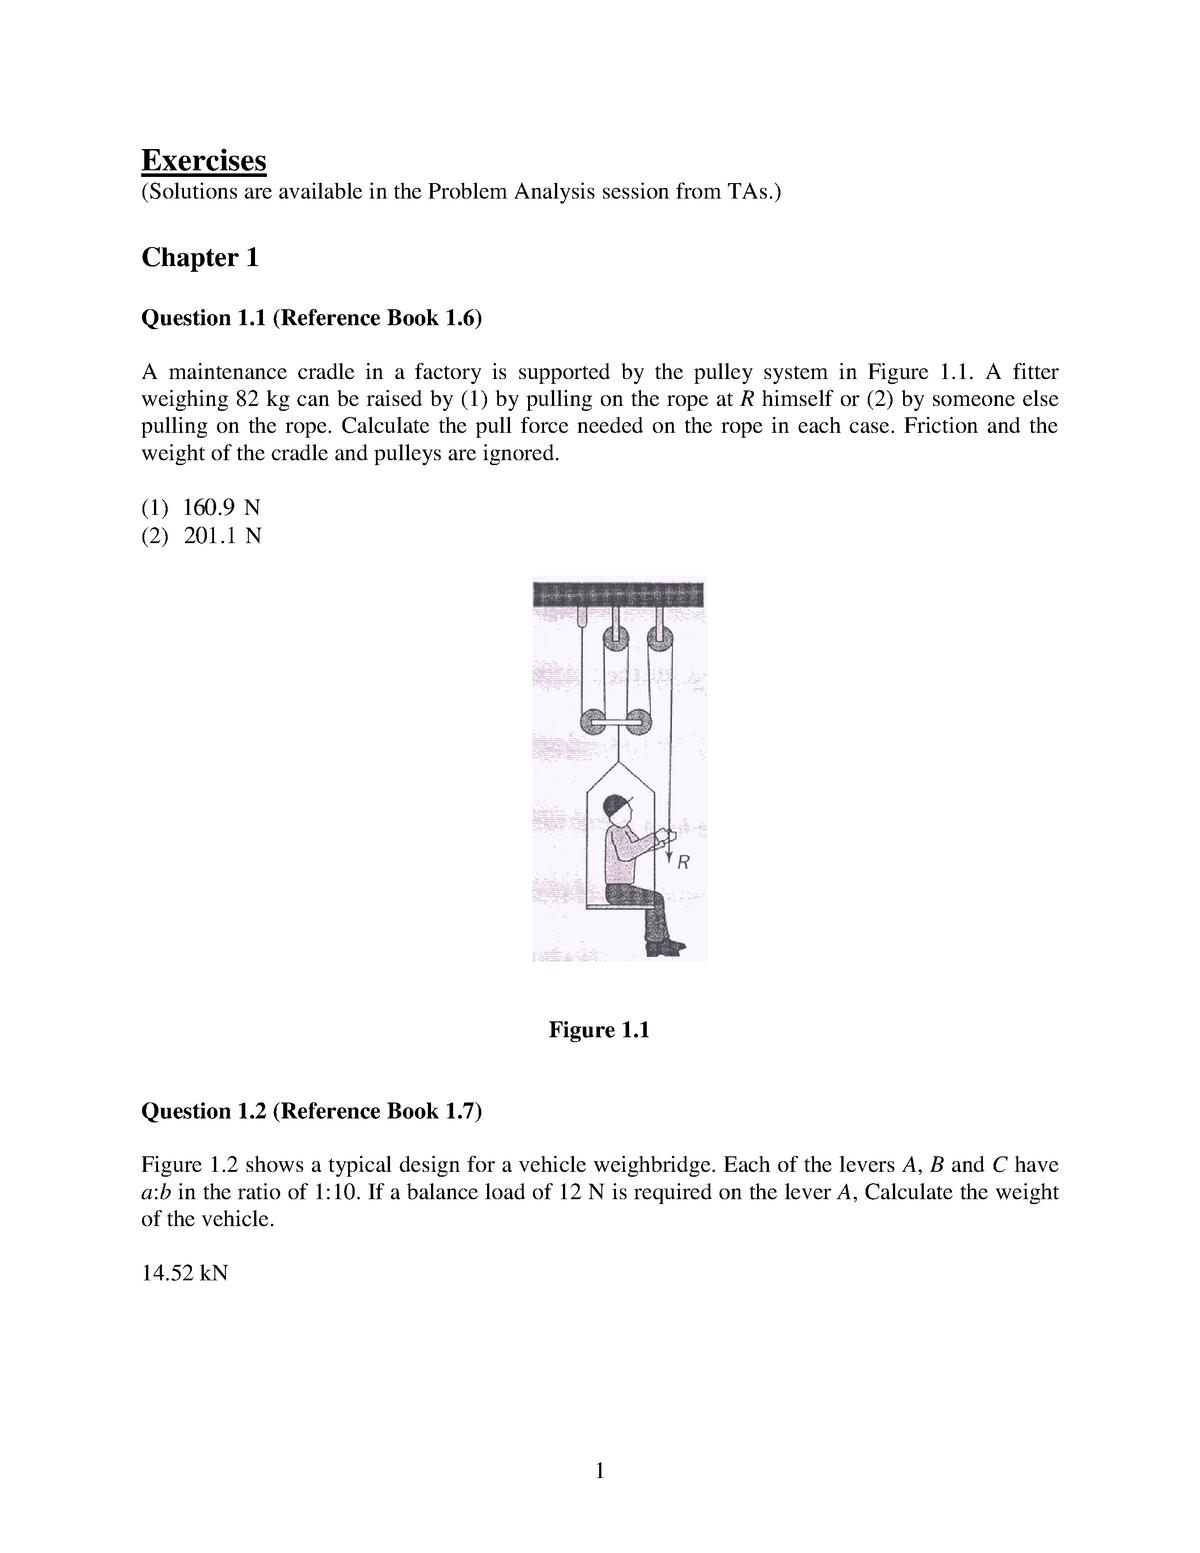 Exercises - Mechanics of Solids I - Maae 2202 - Carleton